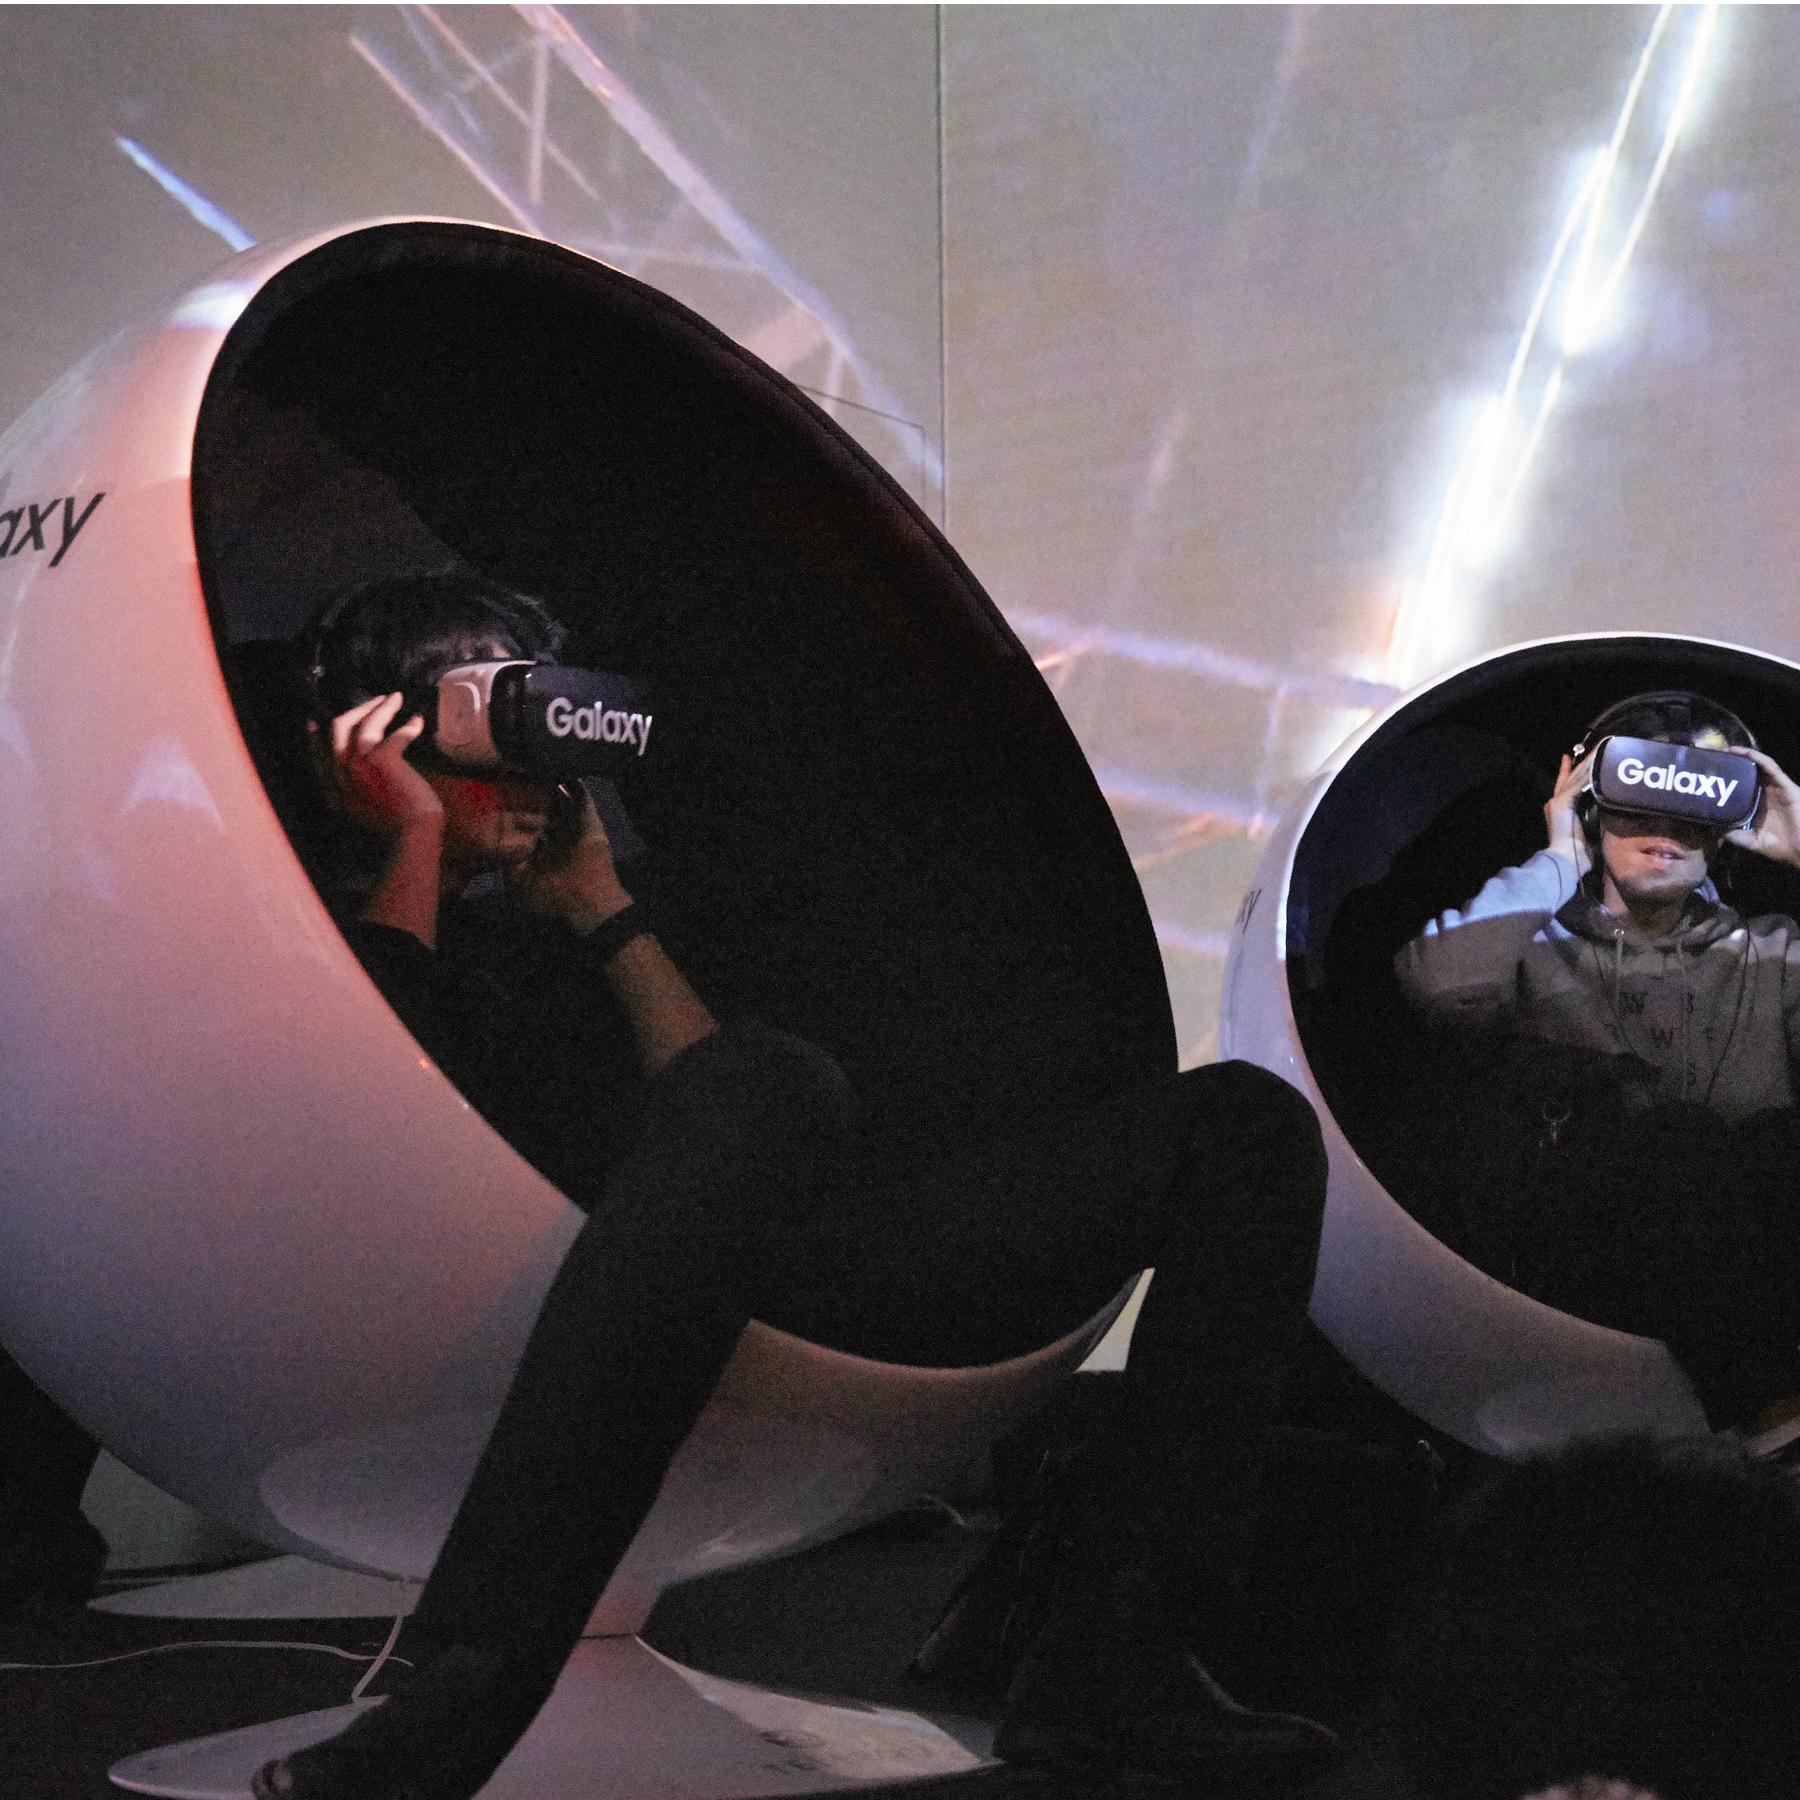 Underworldの生ライブが<br />渋谷パルコで体感できちゃう!?